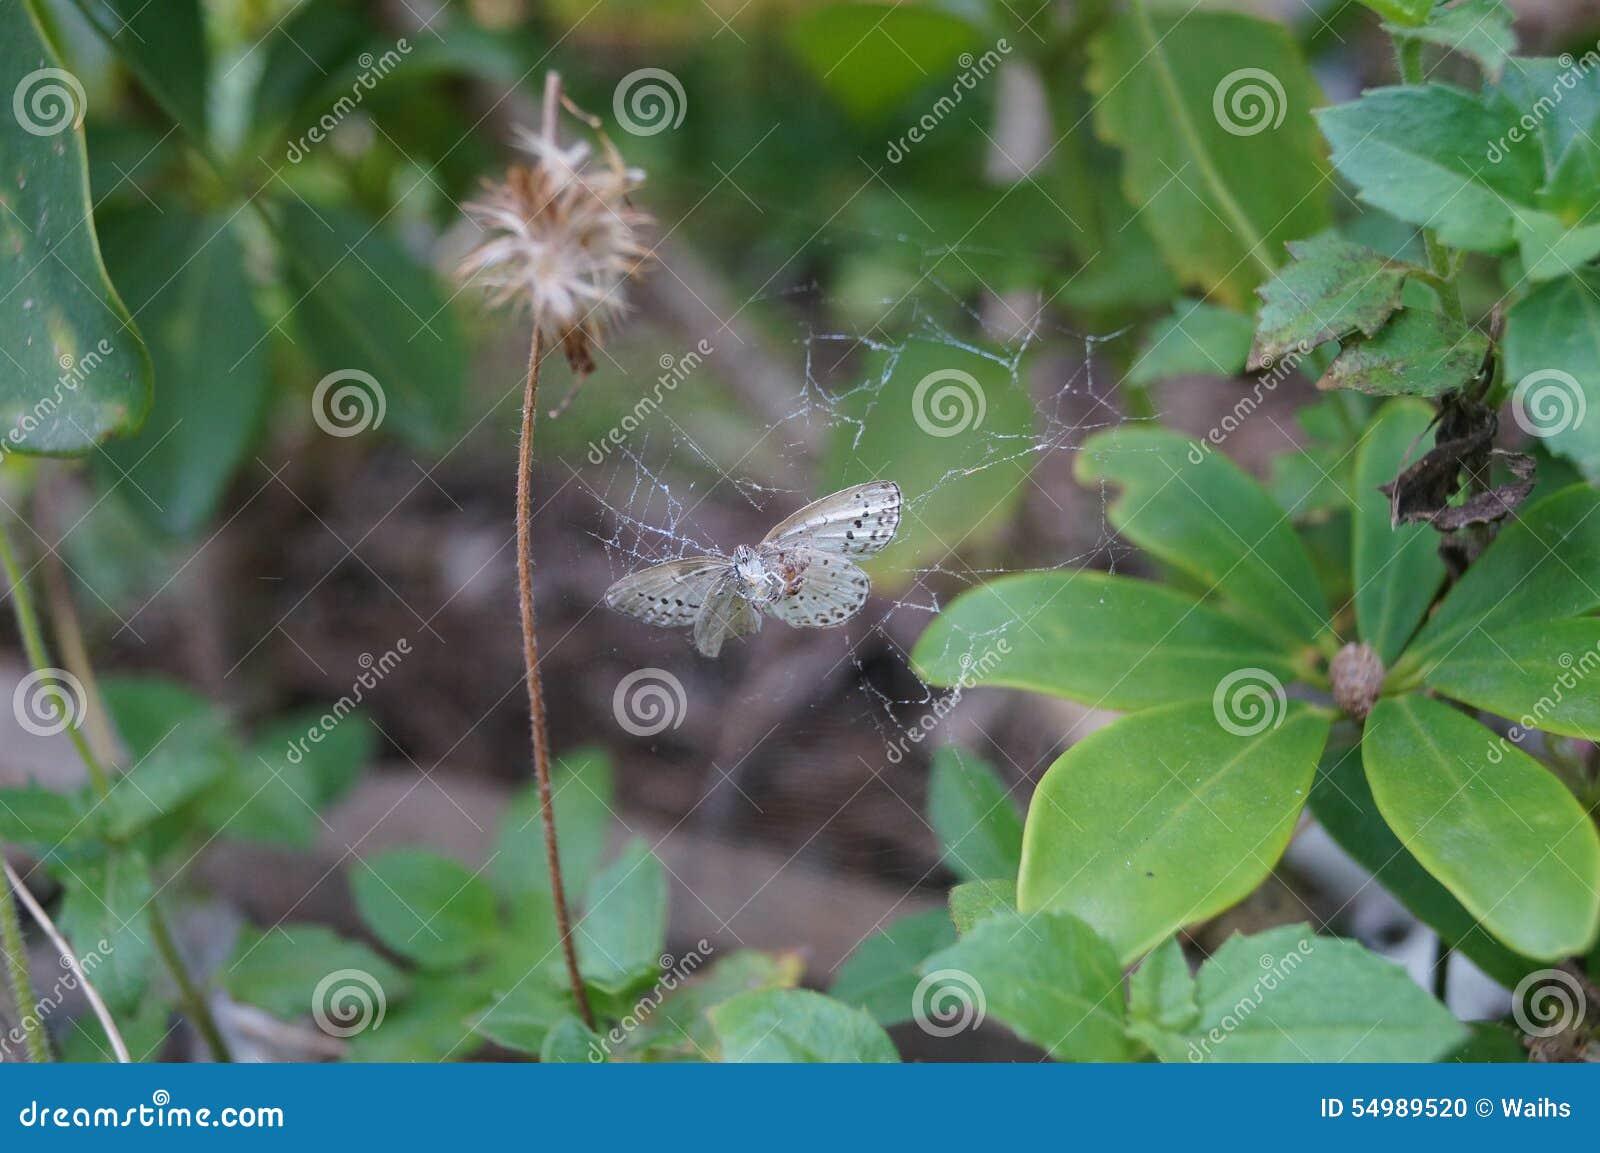 Motyl pląta pająk sieciami